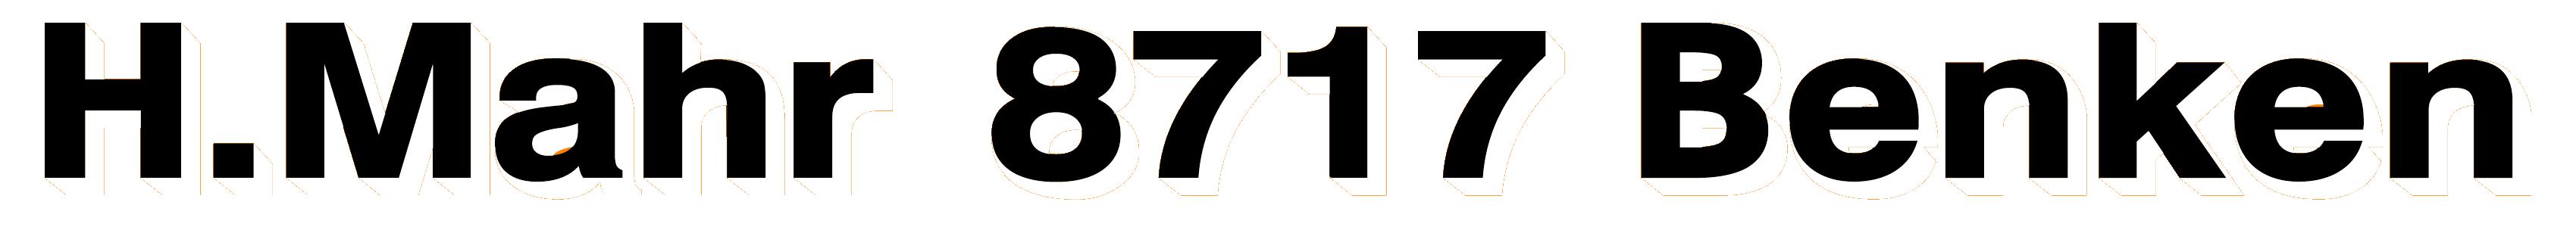 H. Mahr AG 8717 Benken Logo